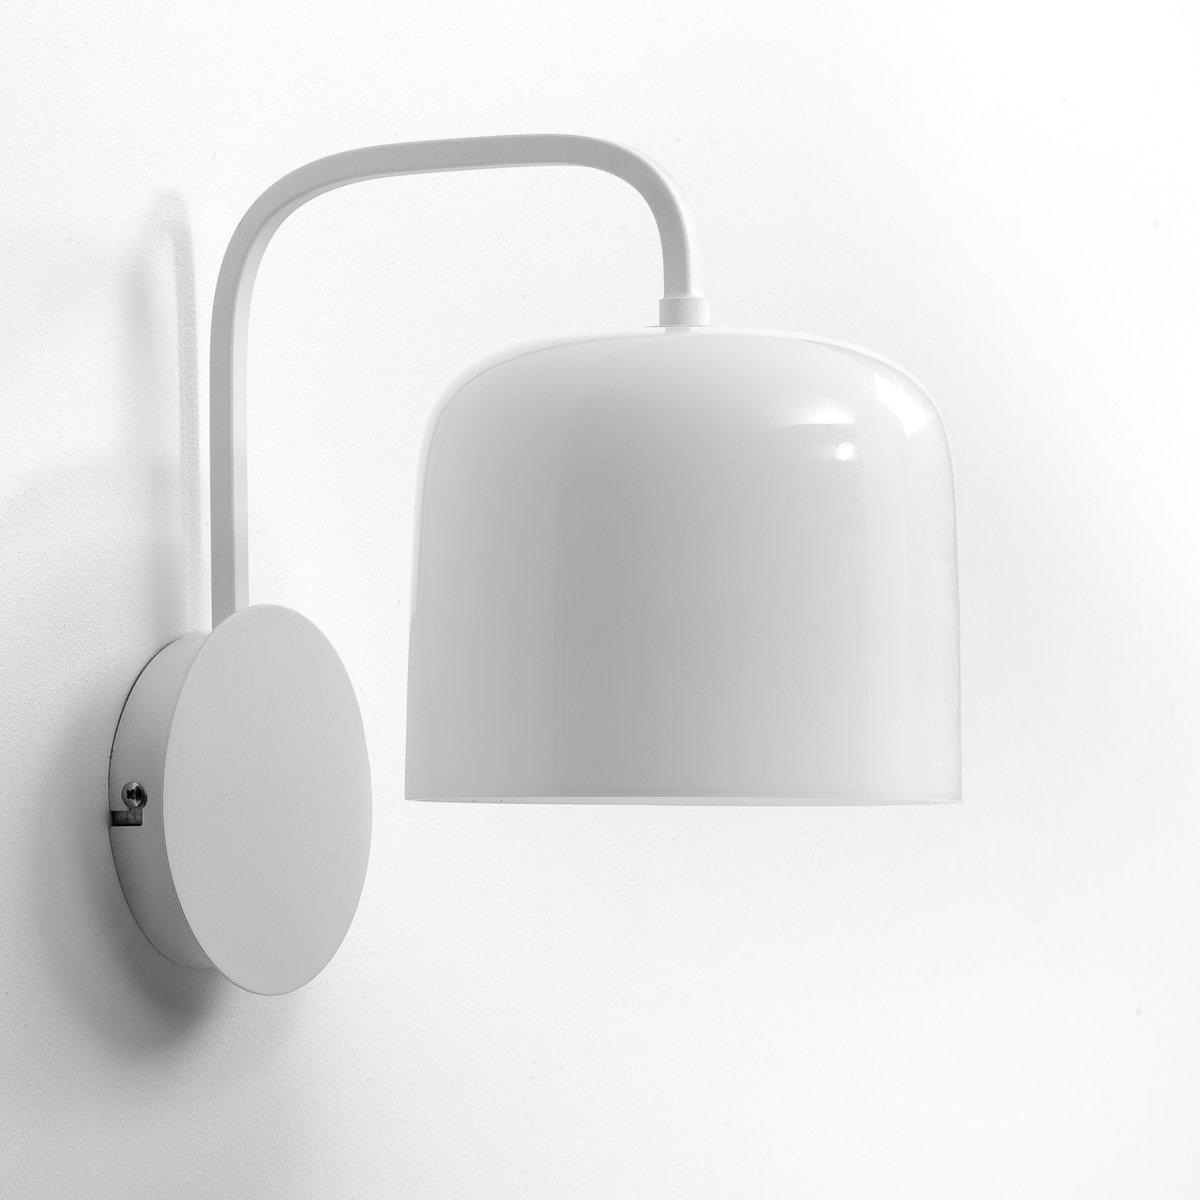 Бра Zella, дизайн Э. Галлины от La Redoute